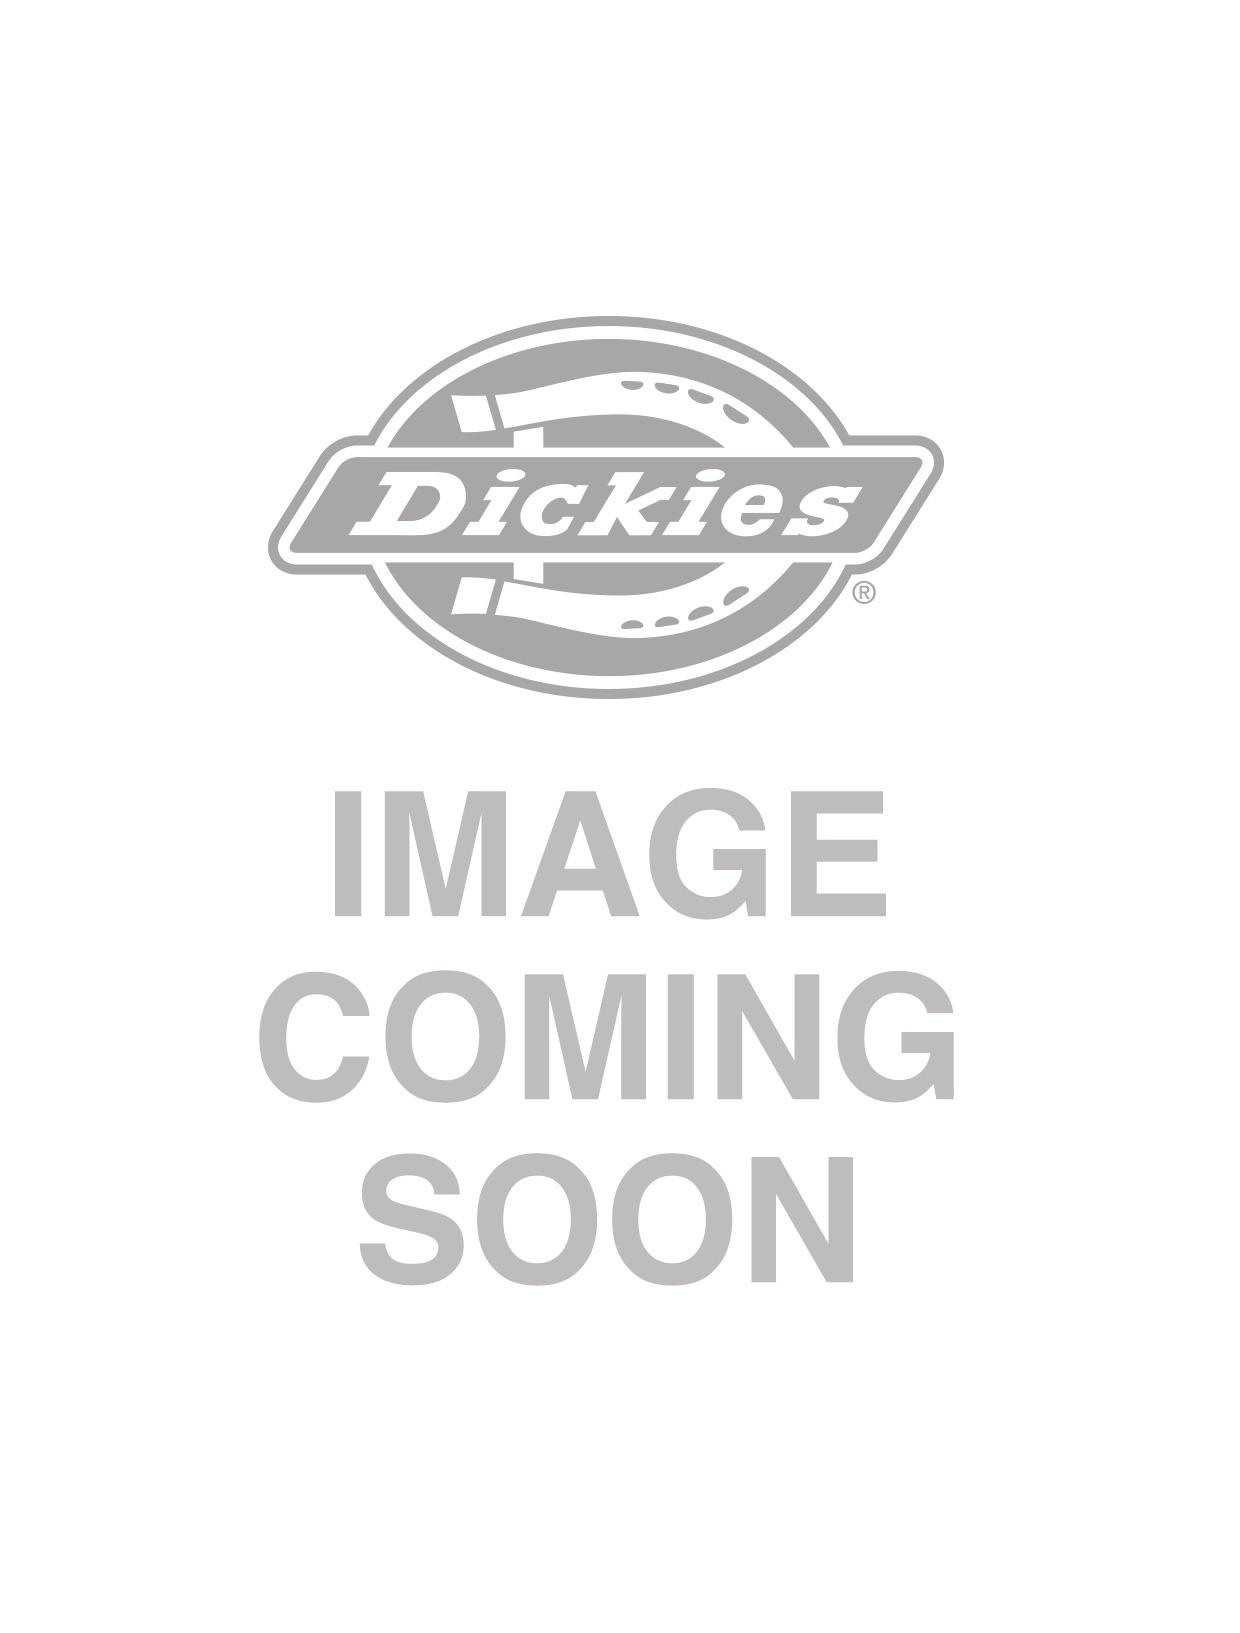 Dickies Grant Town Cap